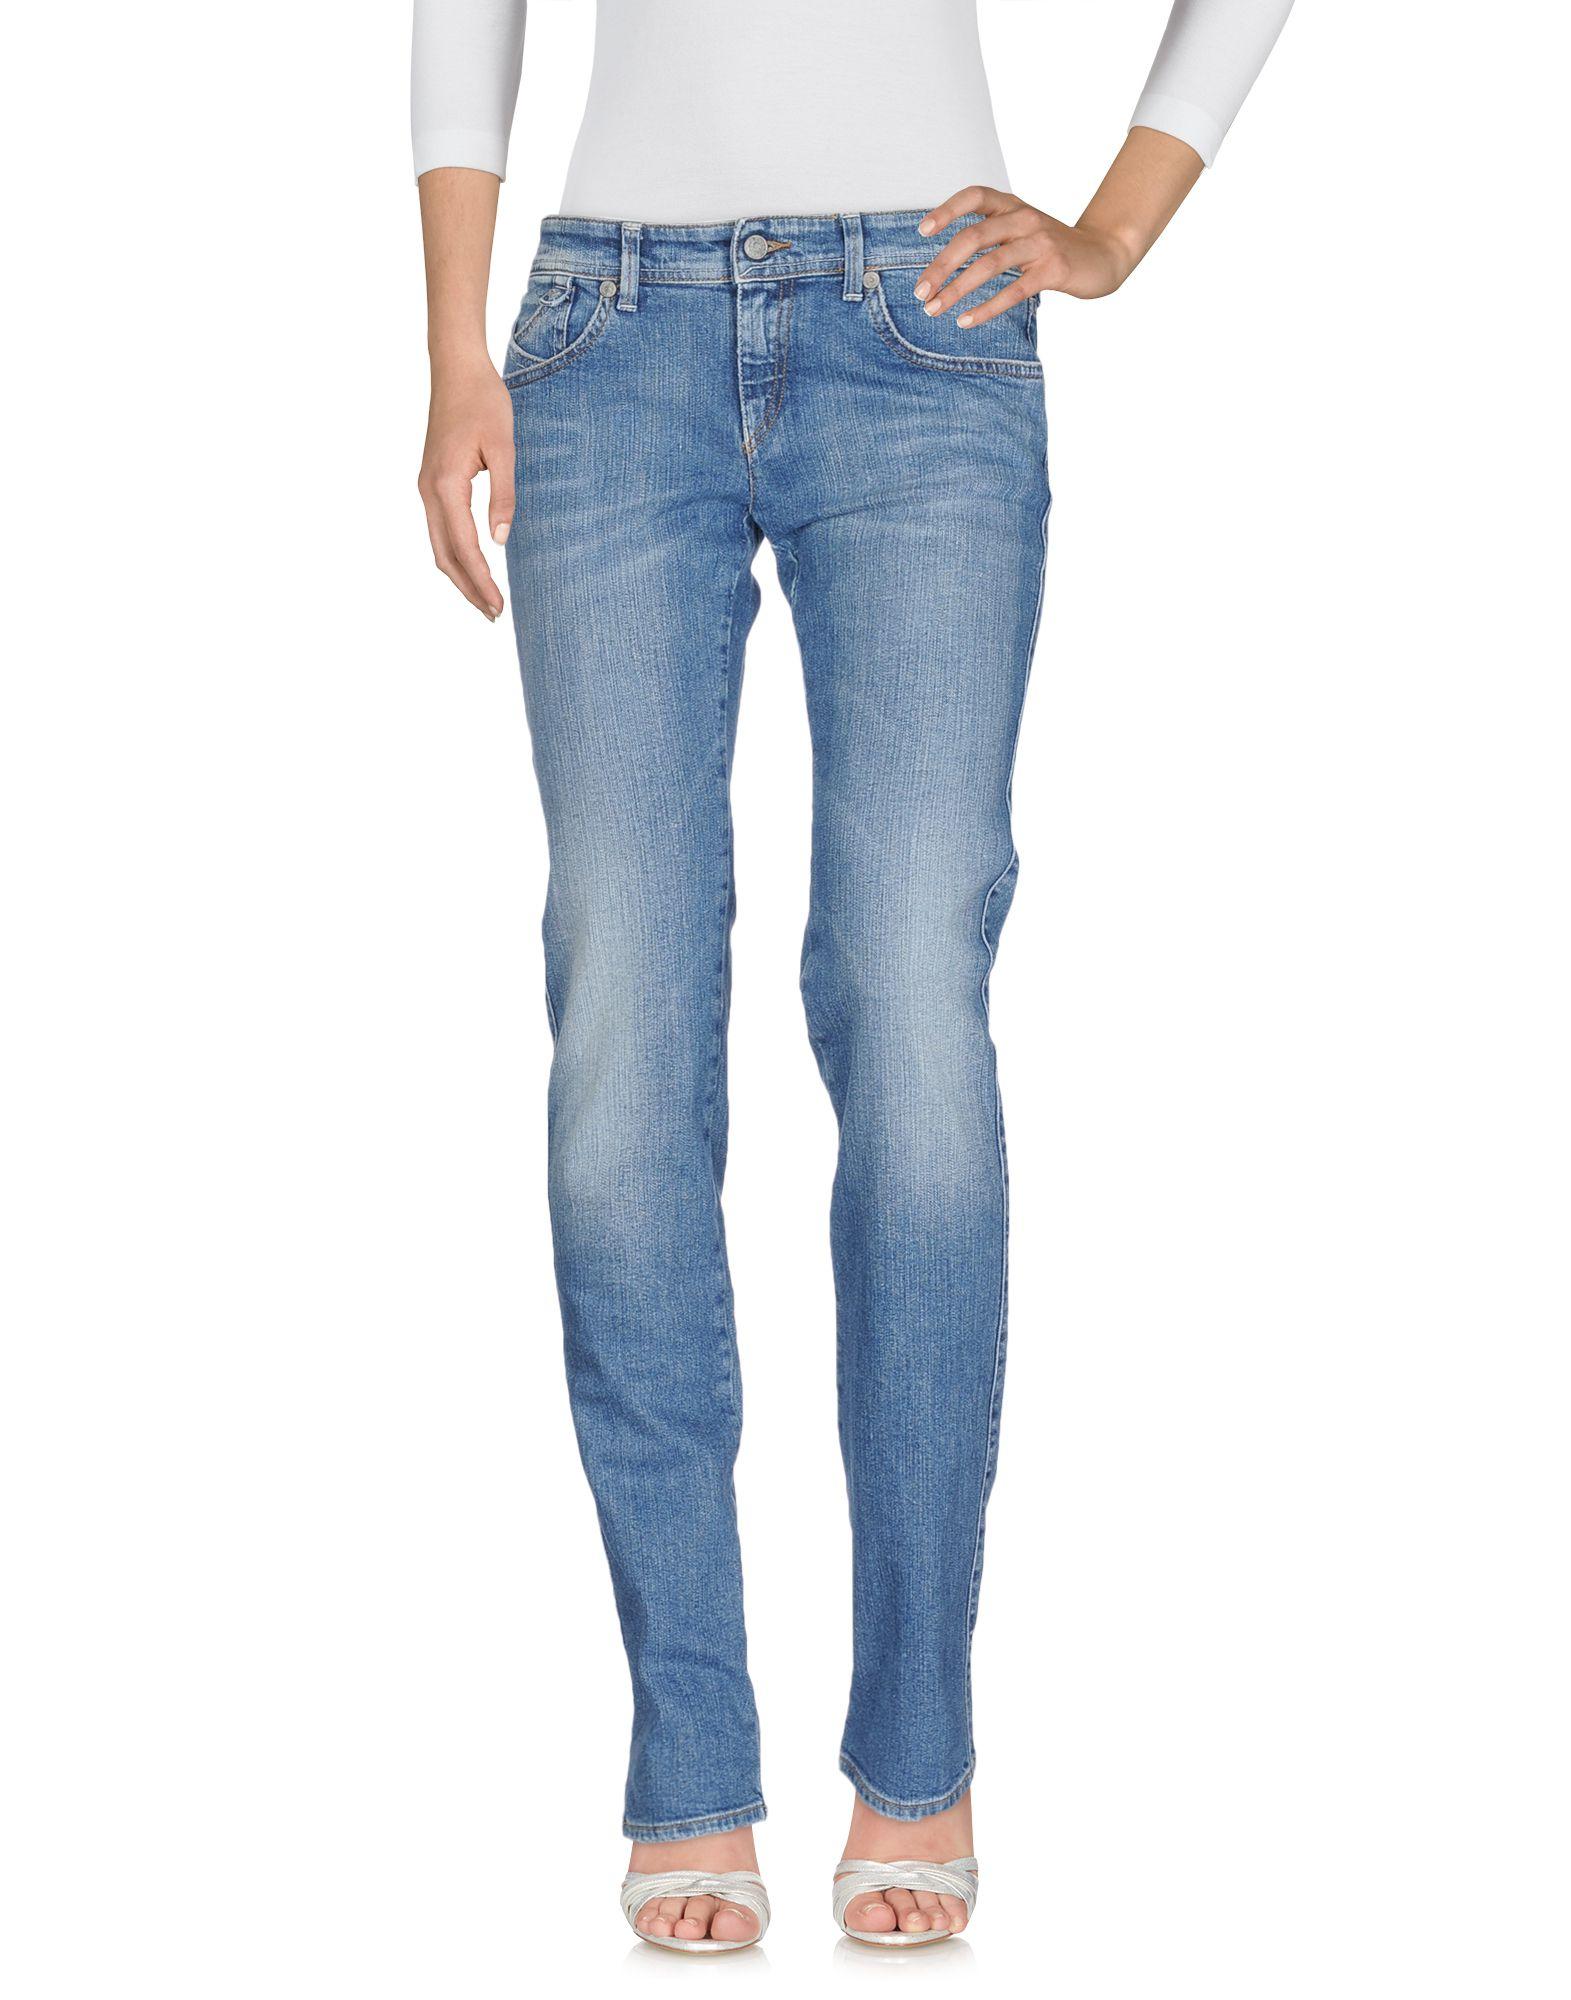 Pantaloni Jeans Armani Jeans damen - 42656474SQ